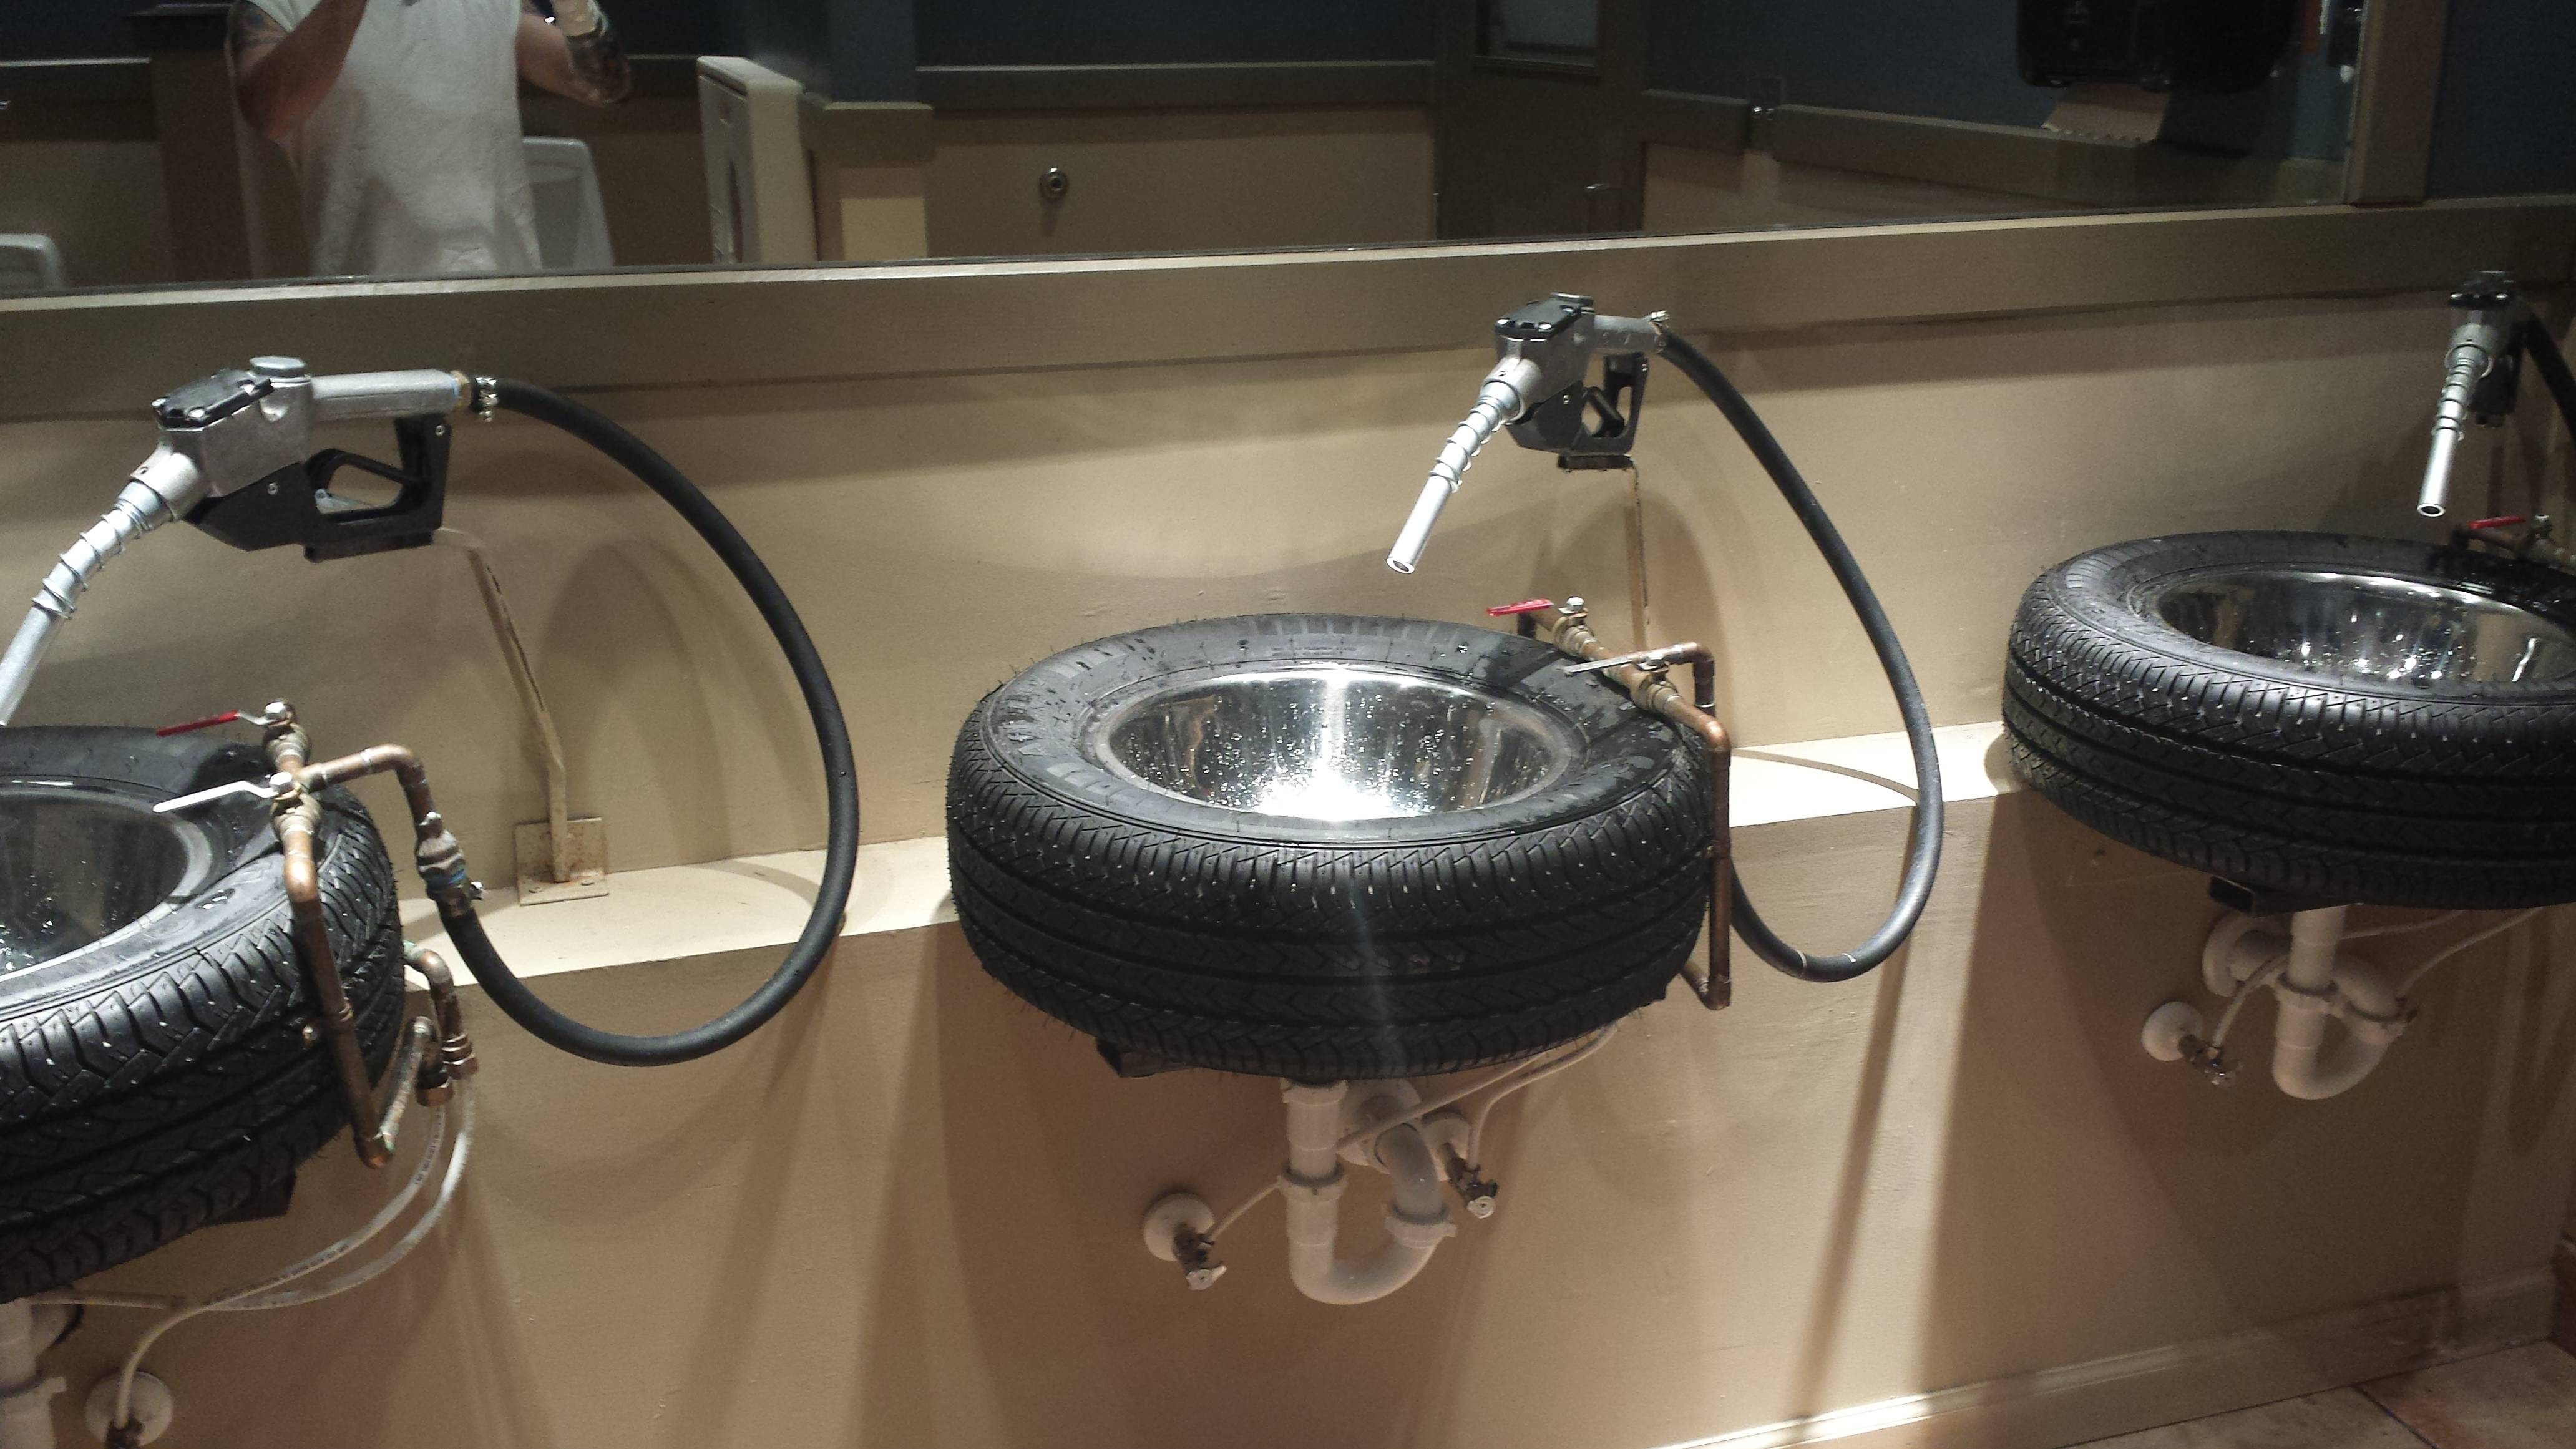 Bathroom sinks from a car themed burger restaurant created